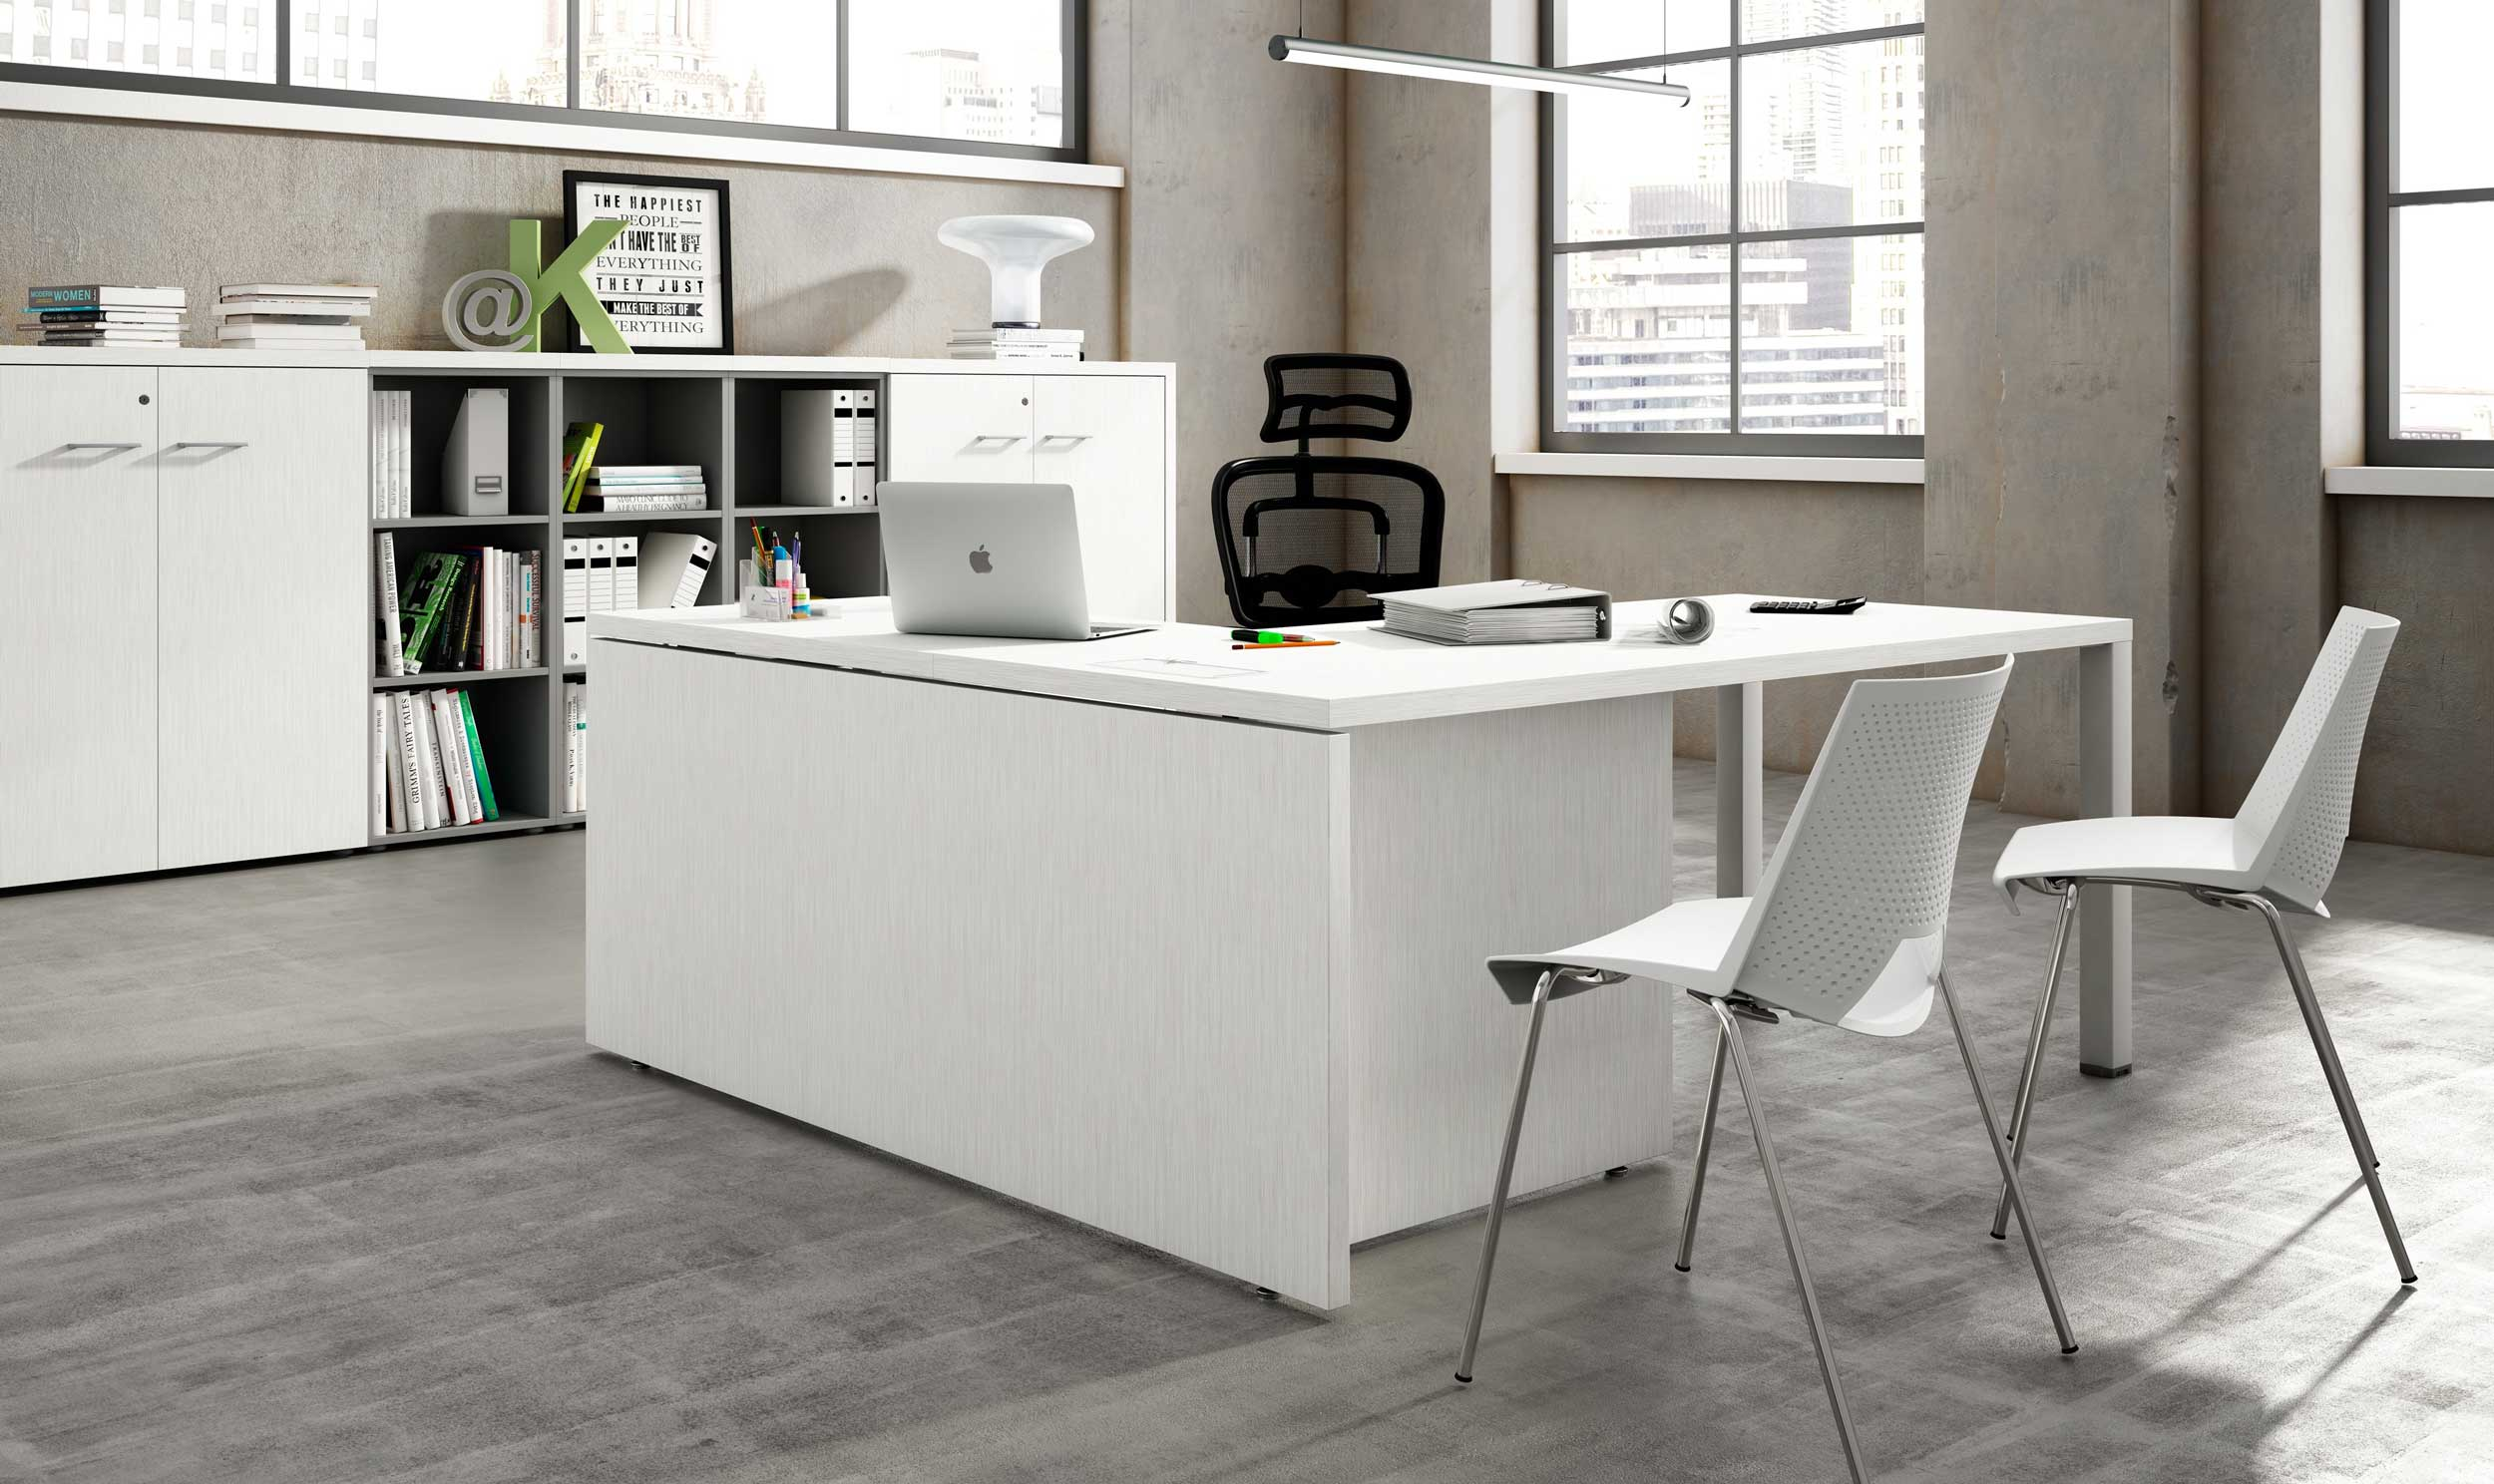 5 claves para conseguir unas oficinas minimalistas for Blog decoracion minimalista